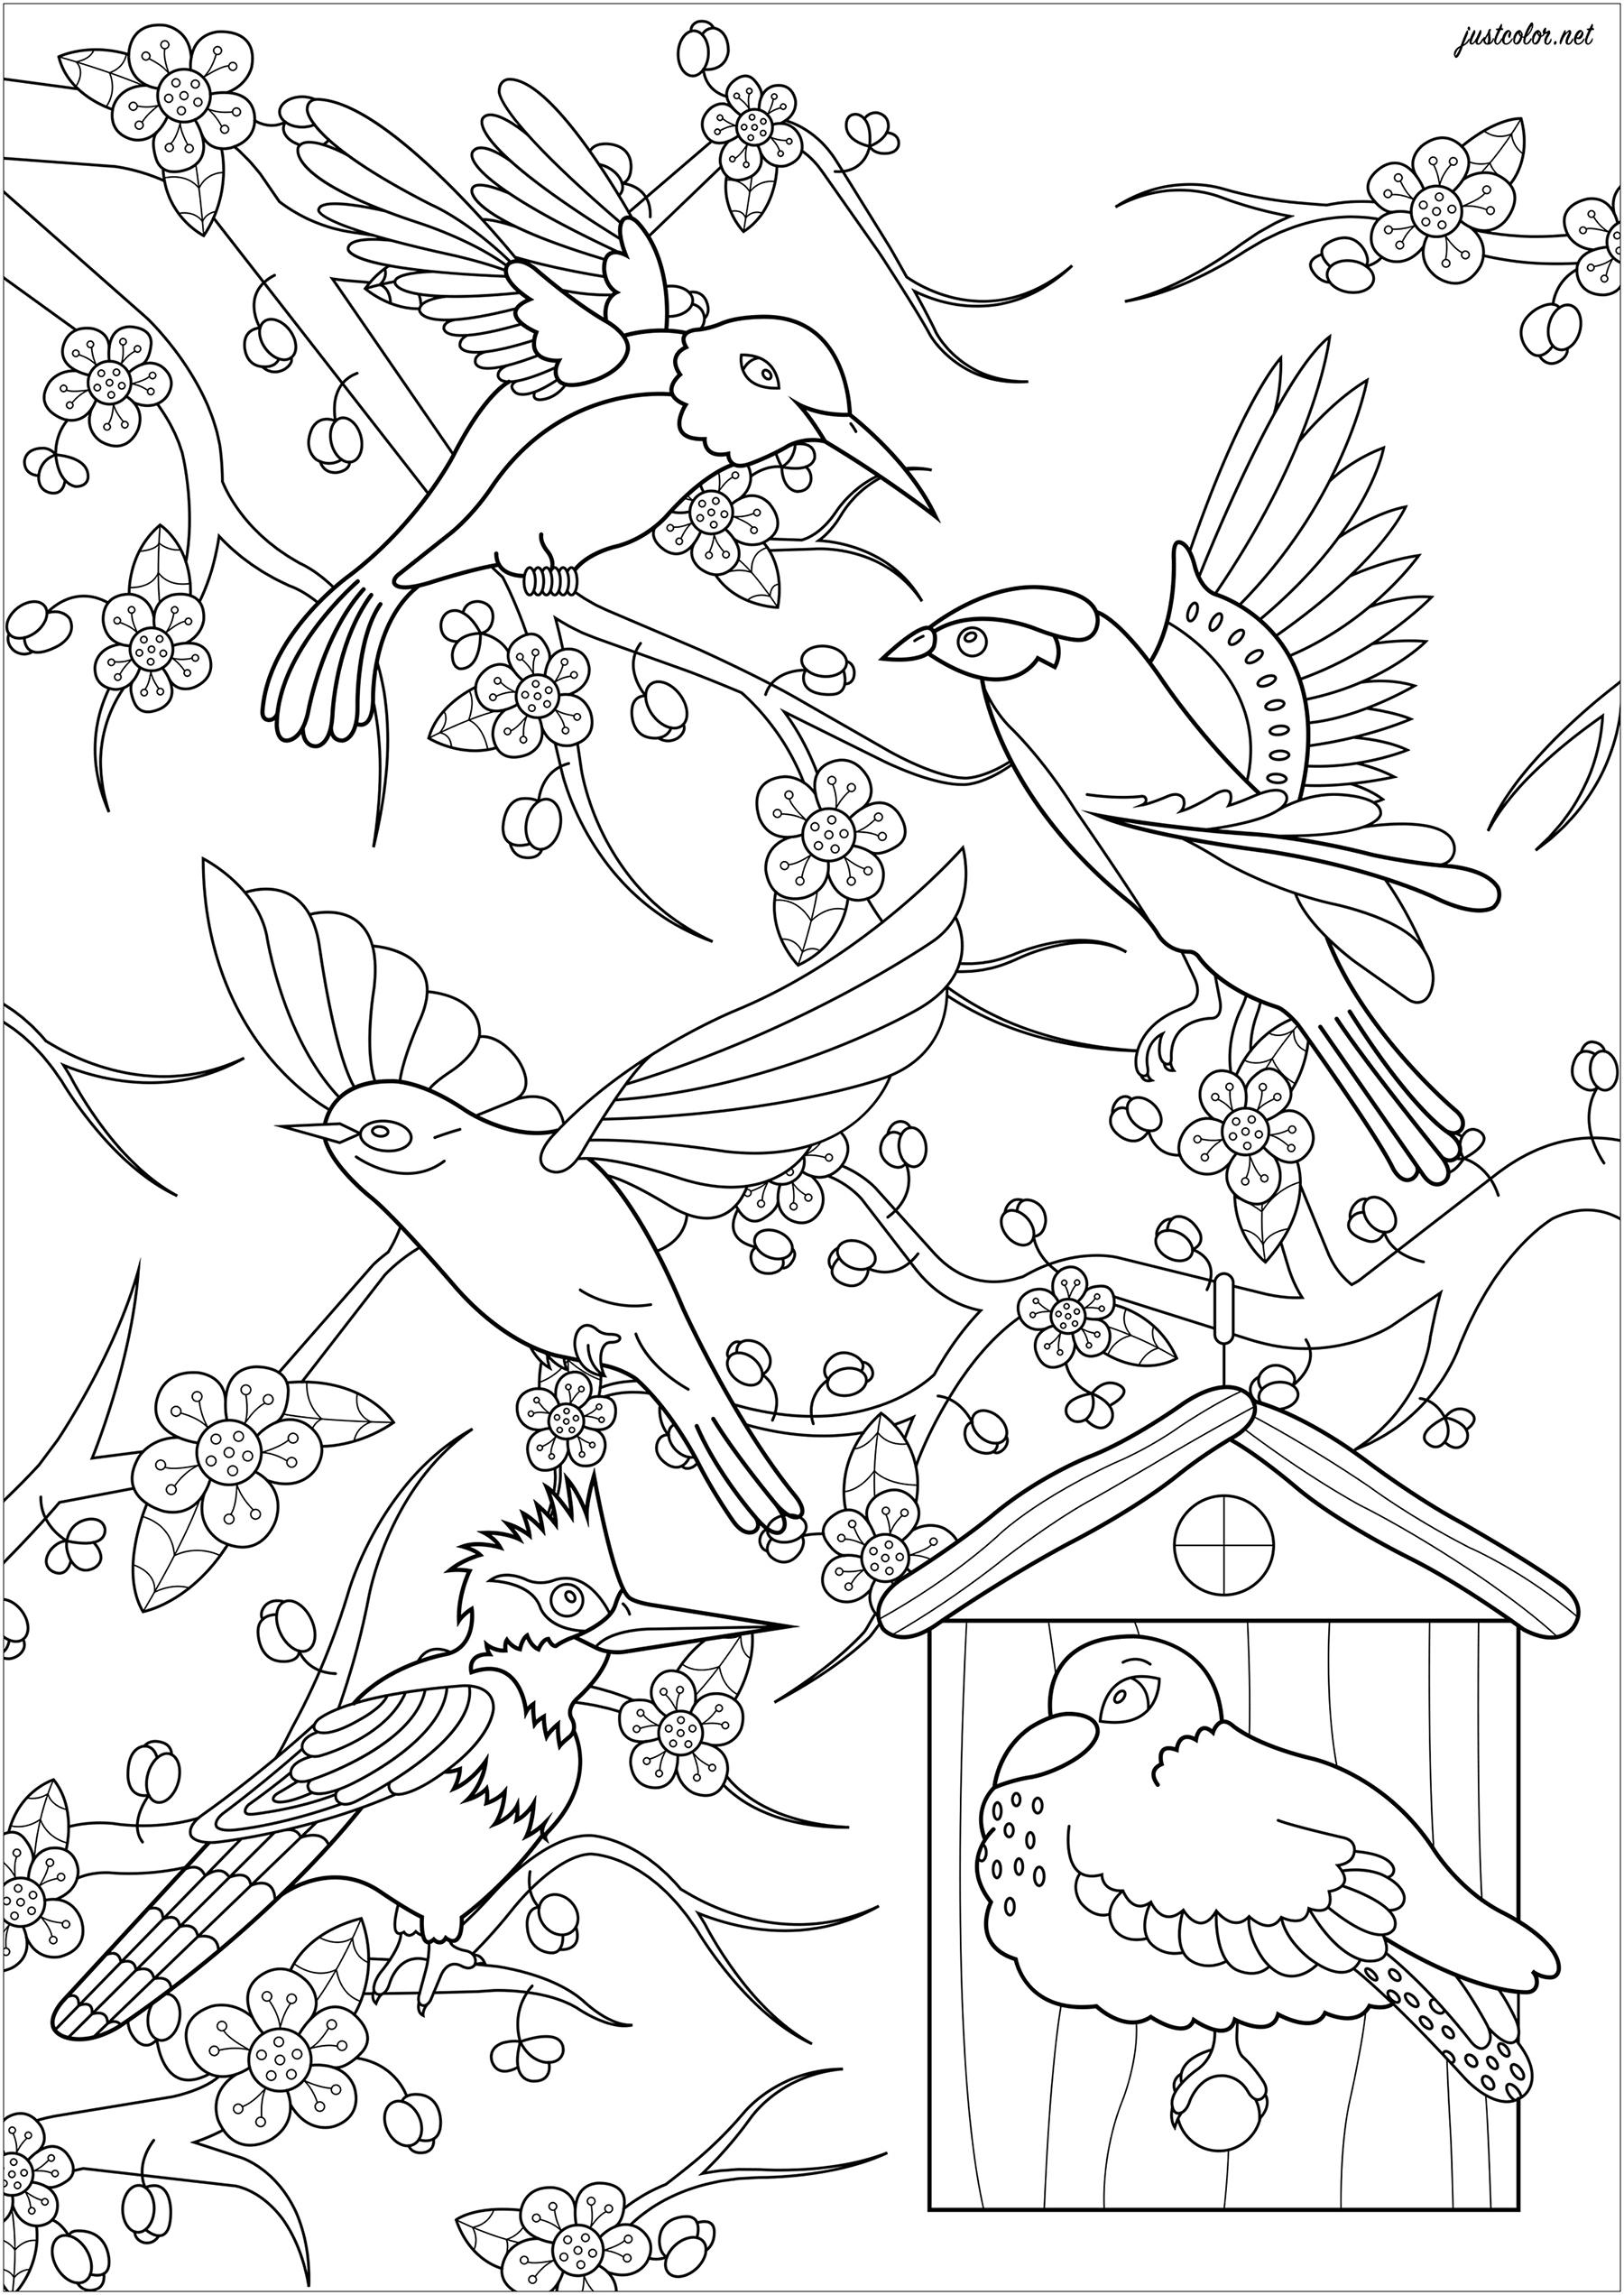 Coloriez ces cinq oiseaux volant devant un cerisier japonais